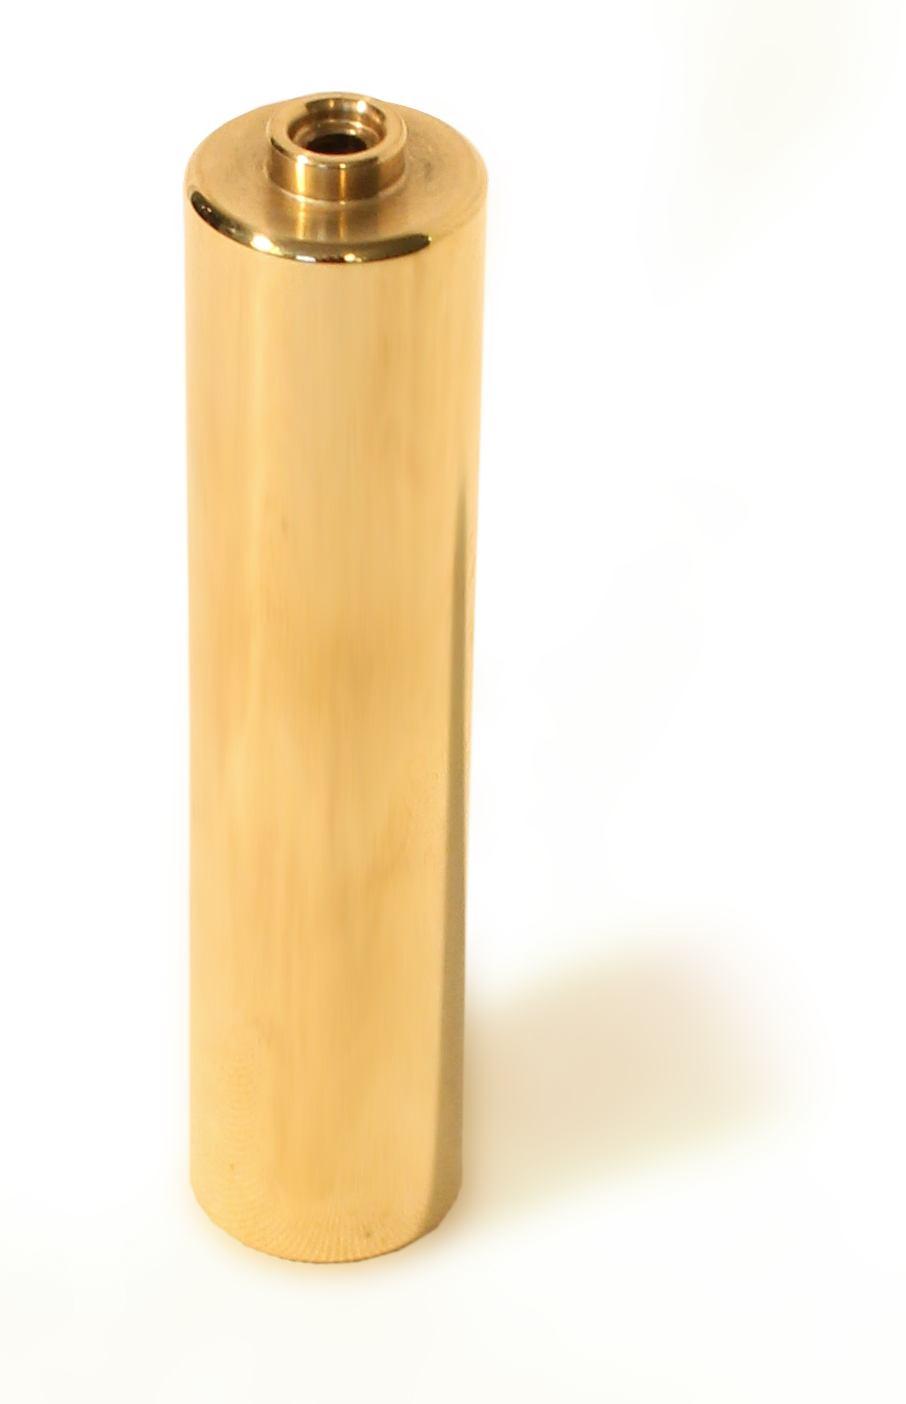 Handelektrode aus Edelstahl, vergoldet für  Diamond Shield Zapper und TRIKOMBIN